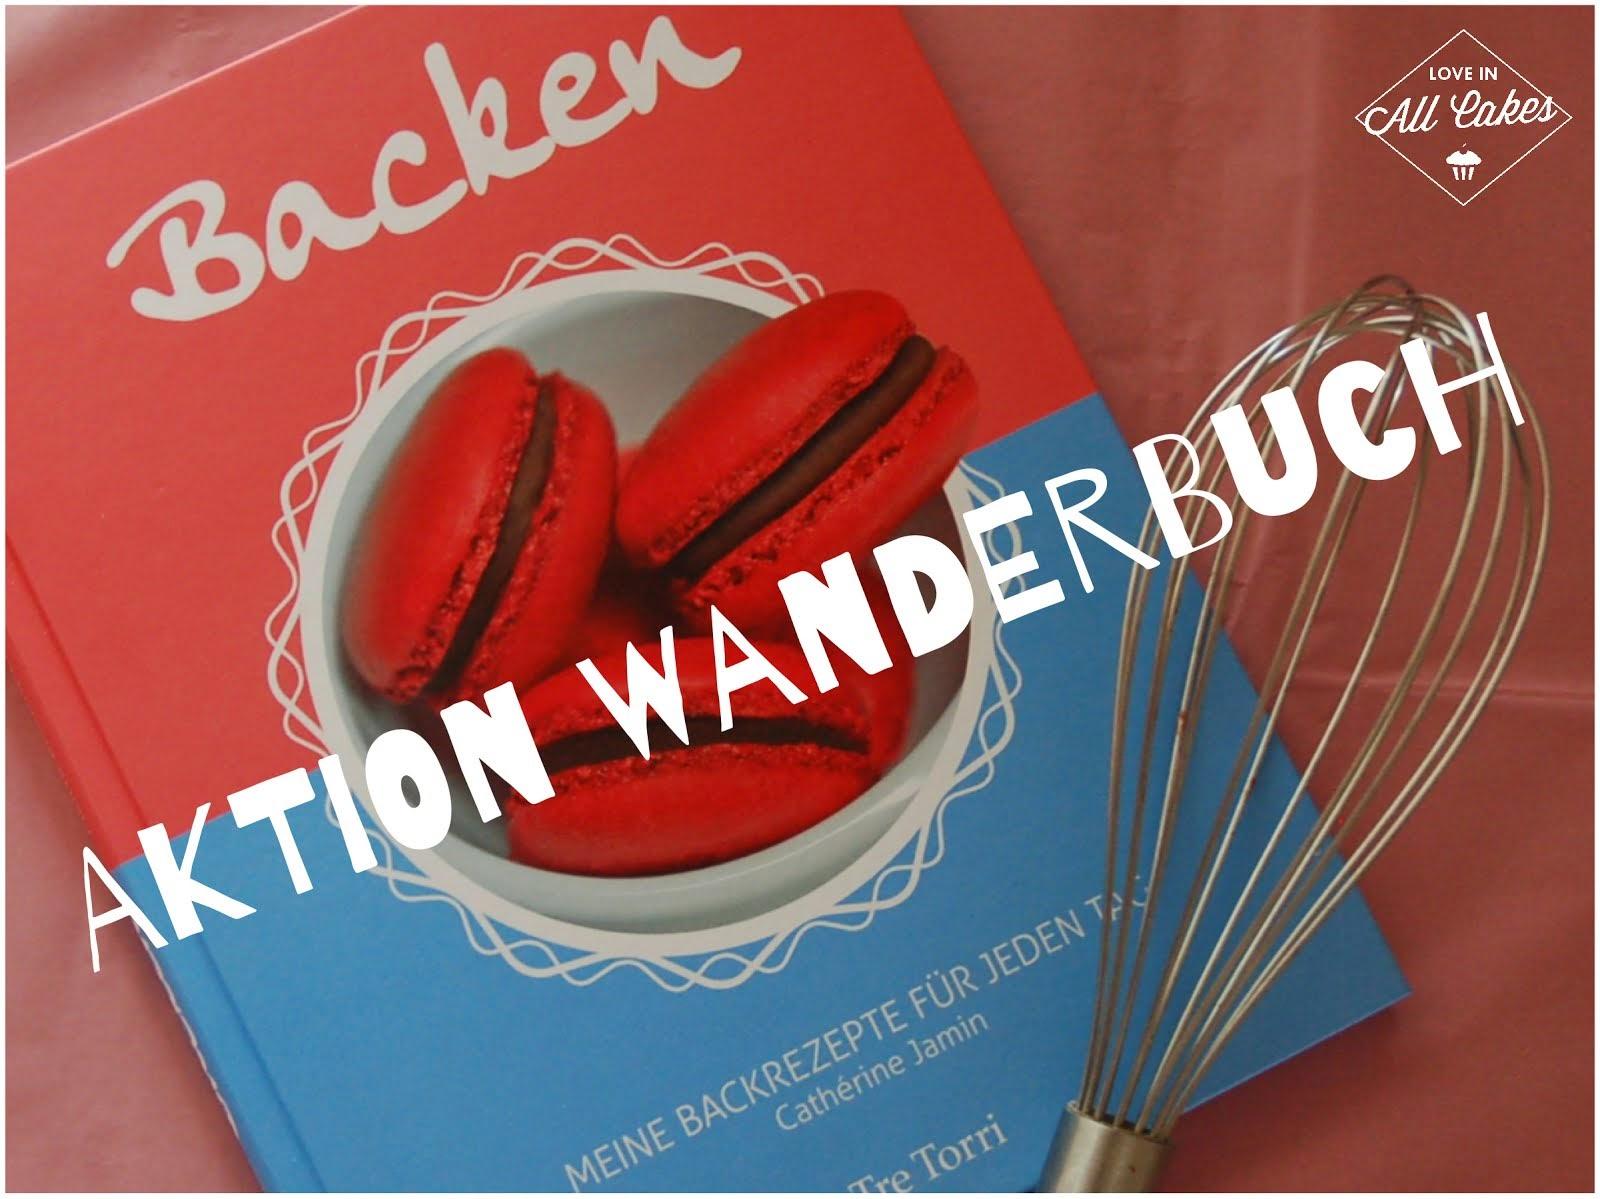 [Aktion] Wanderbuch - ein Buch unterwegs 2014